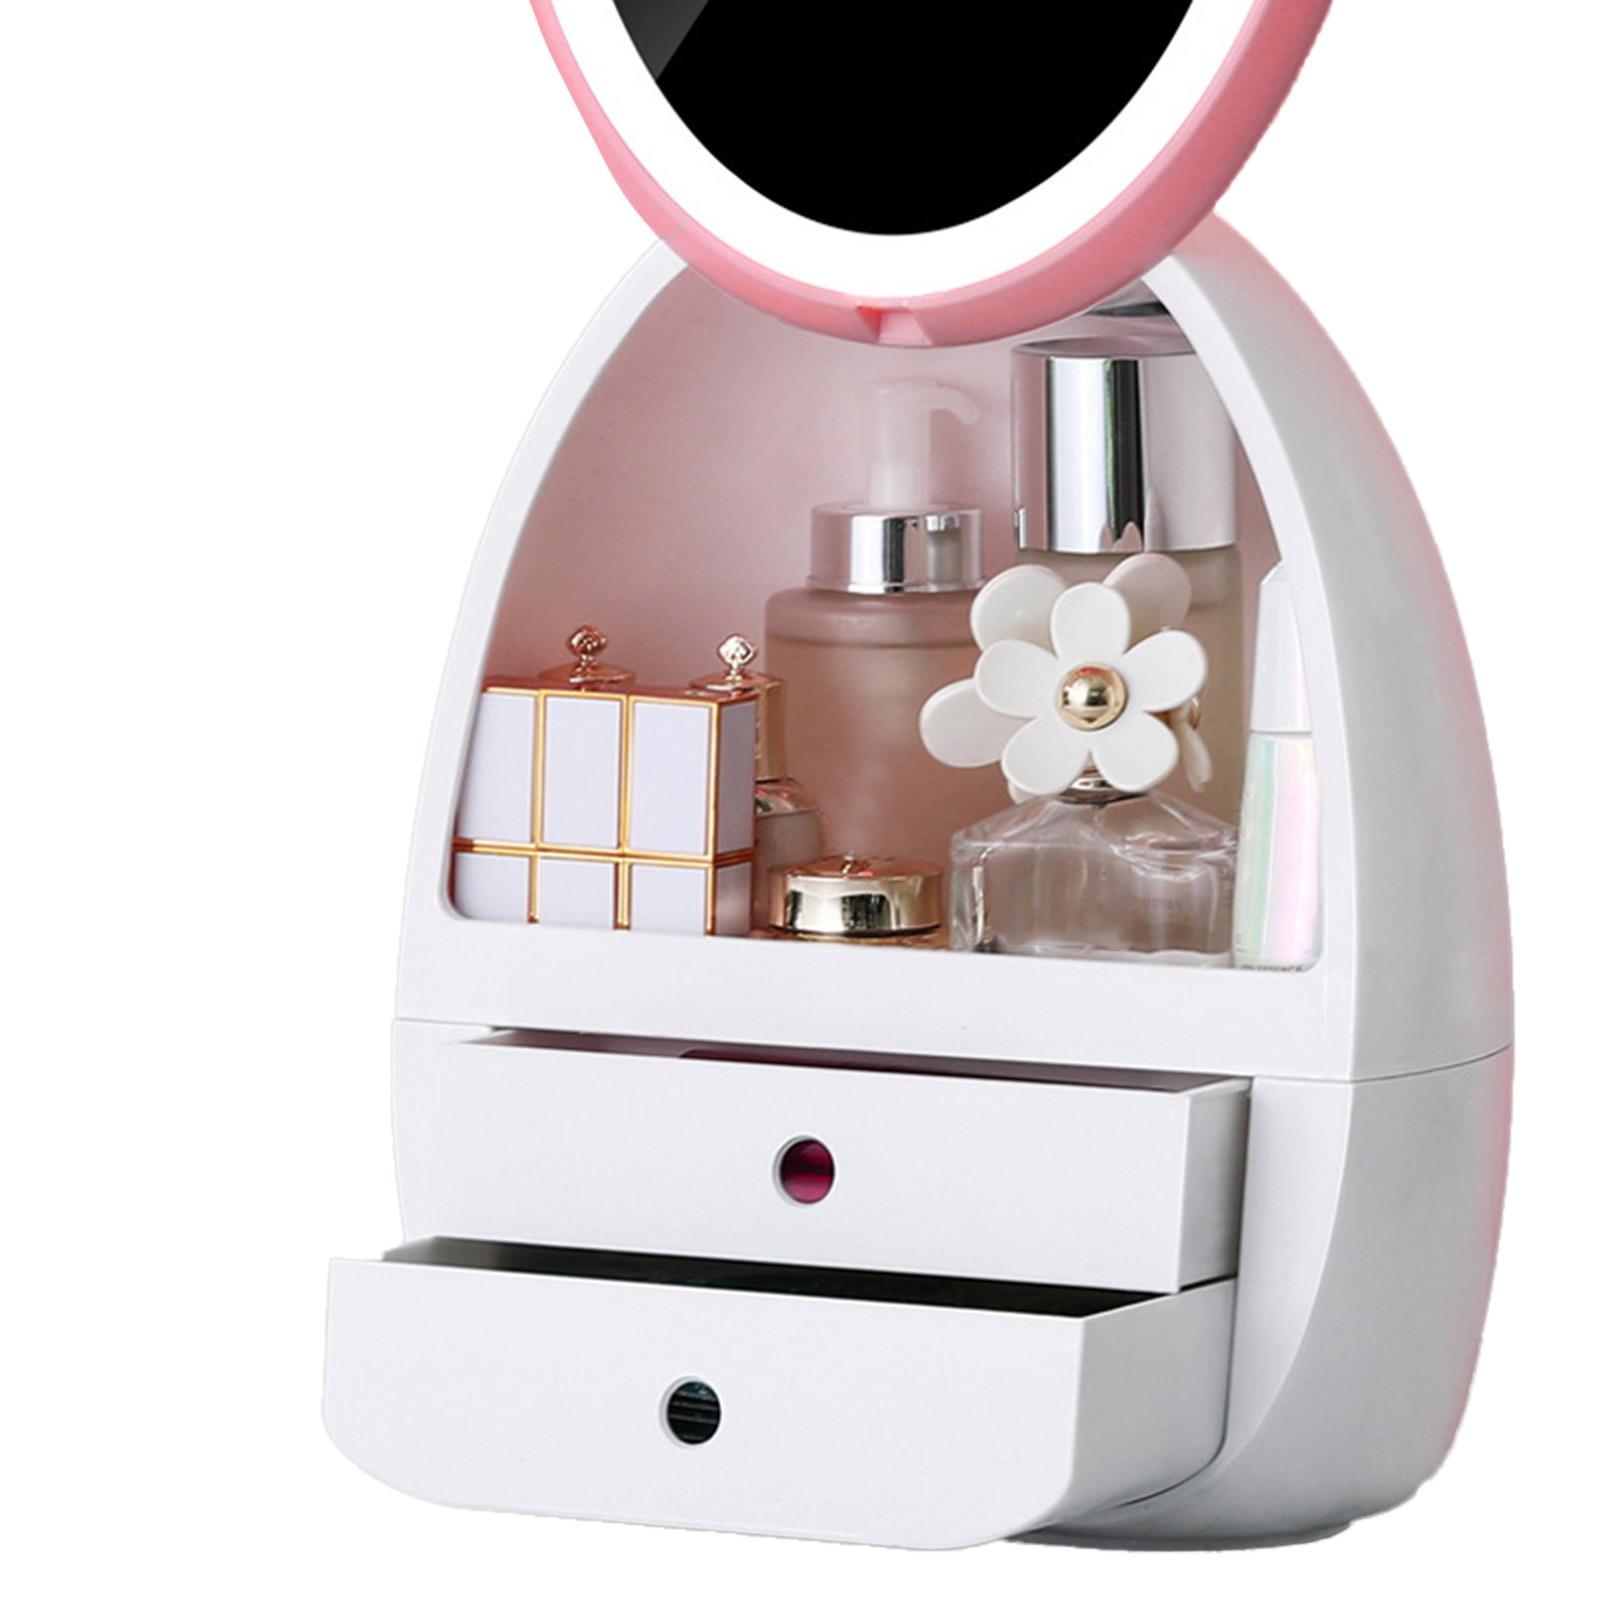 مستحضرات التجميل صندوق تخزين مقاوم للماء مع LED الحمام كبير ماكياج المنظم المنظمون أدوات العناية بالبشرة تخزين المجوهرات رسم